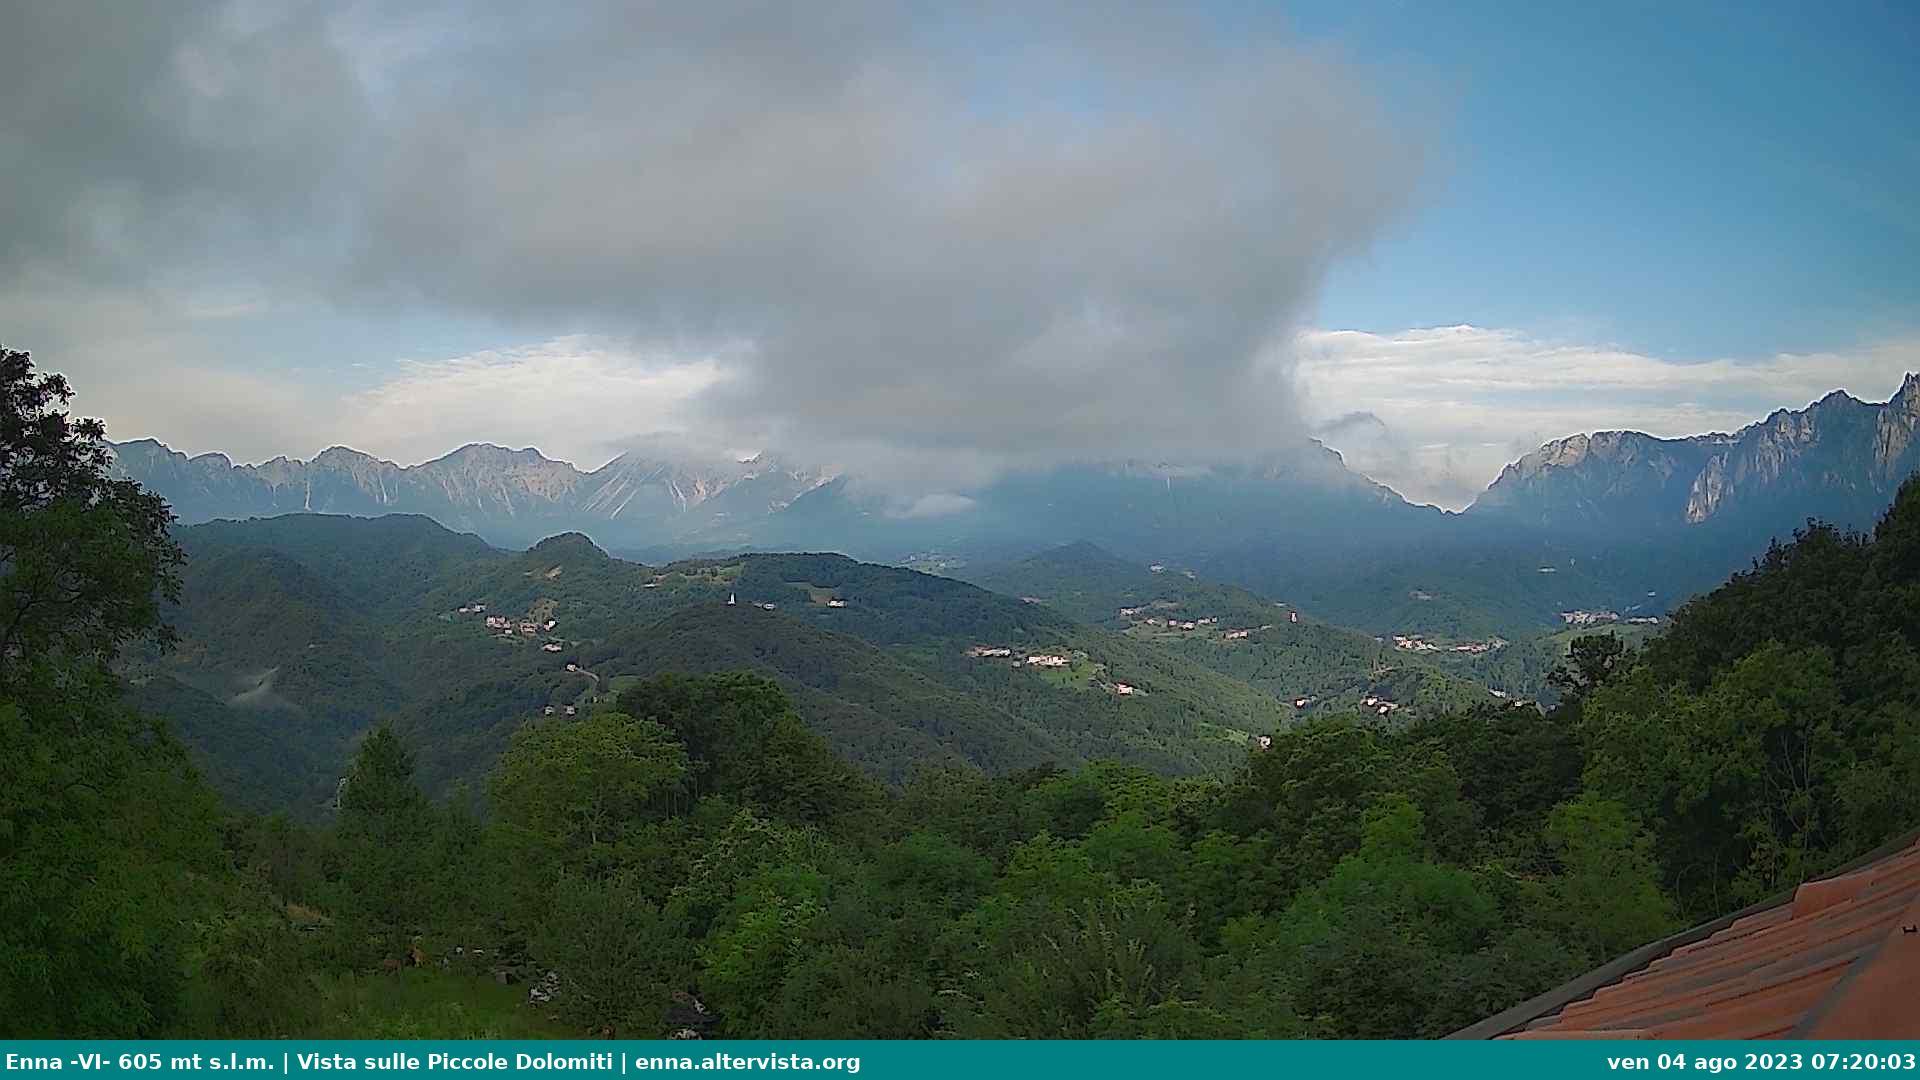 Vista sulle Piccole Dolomiti